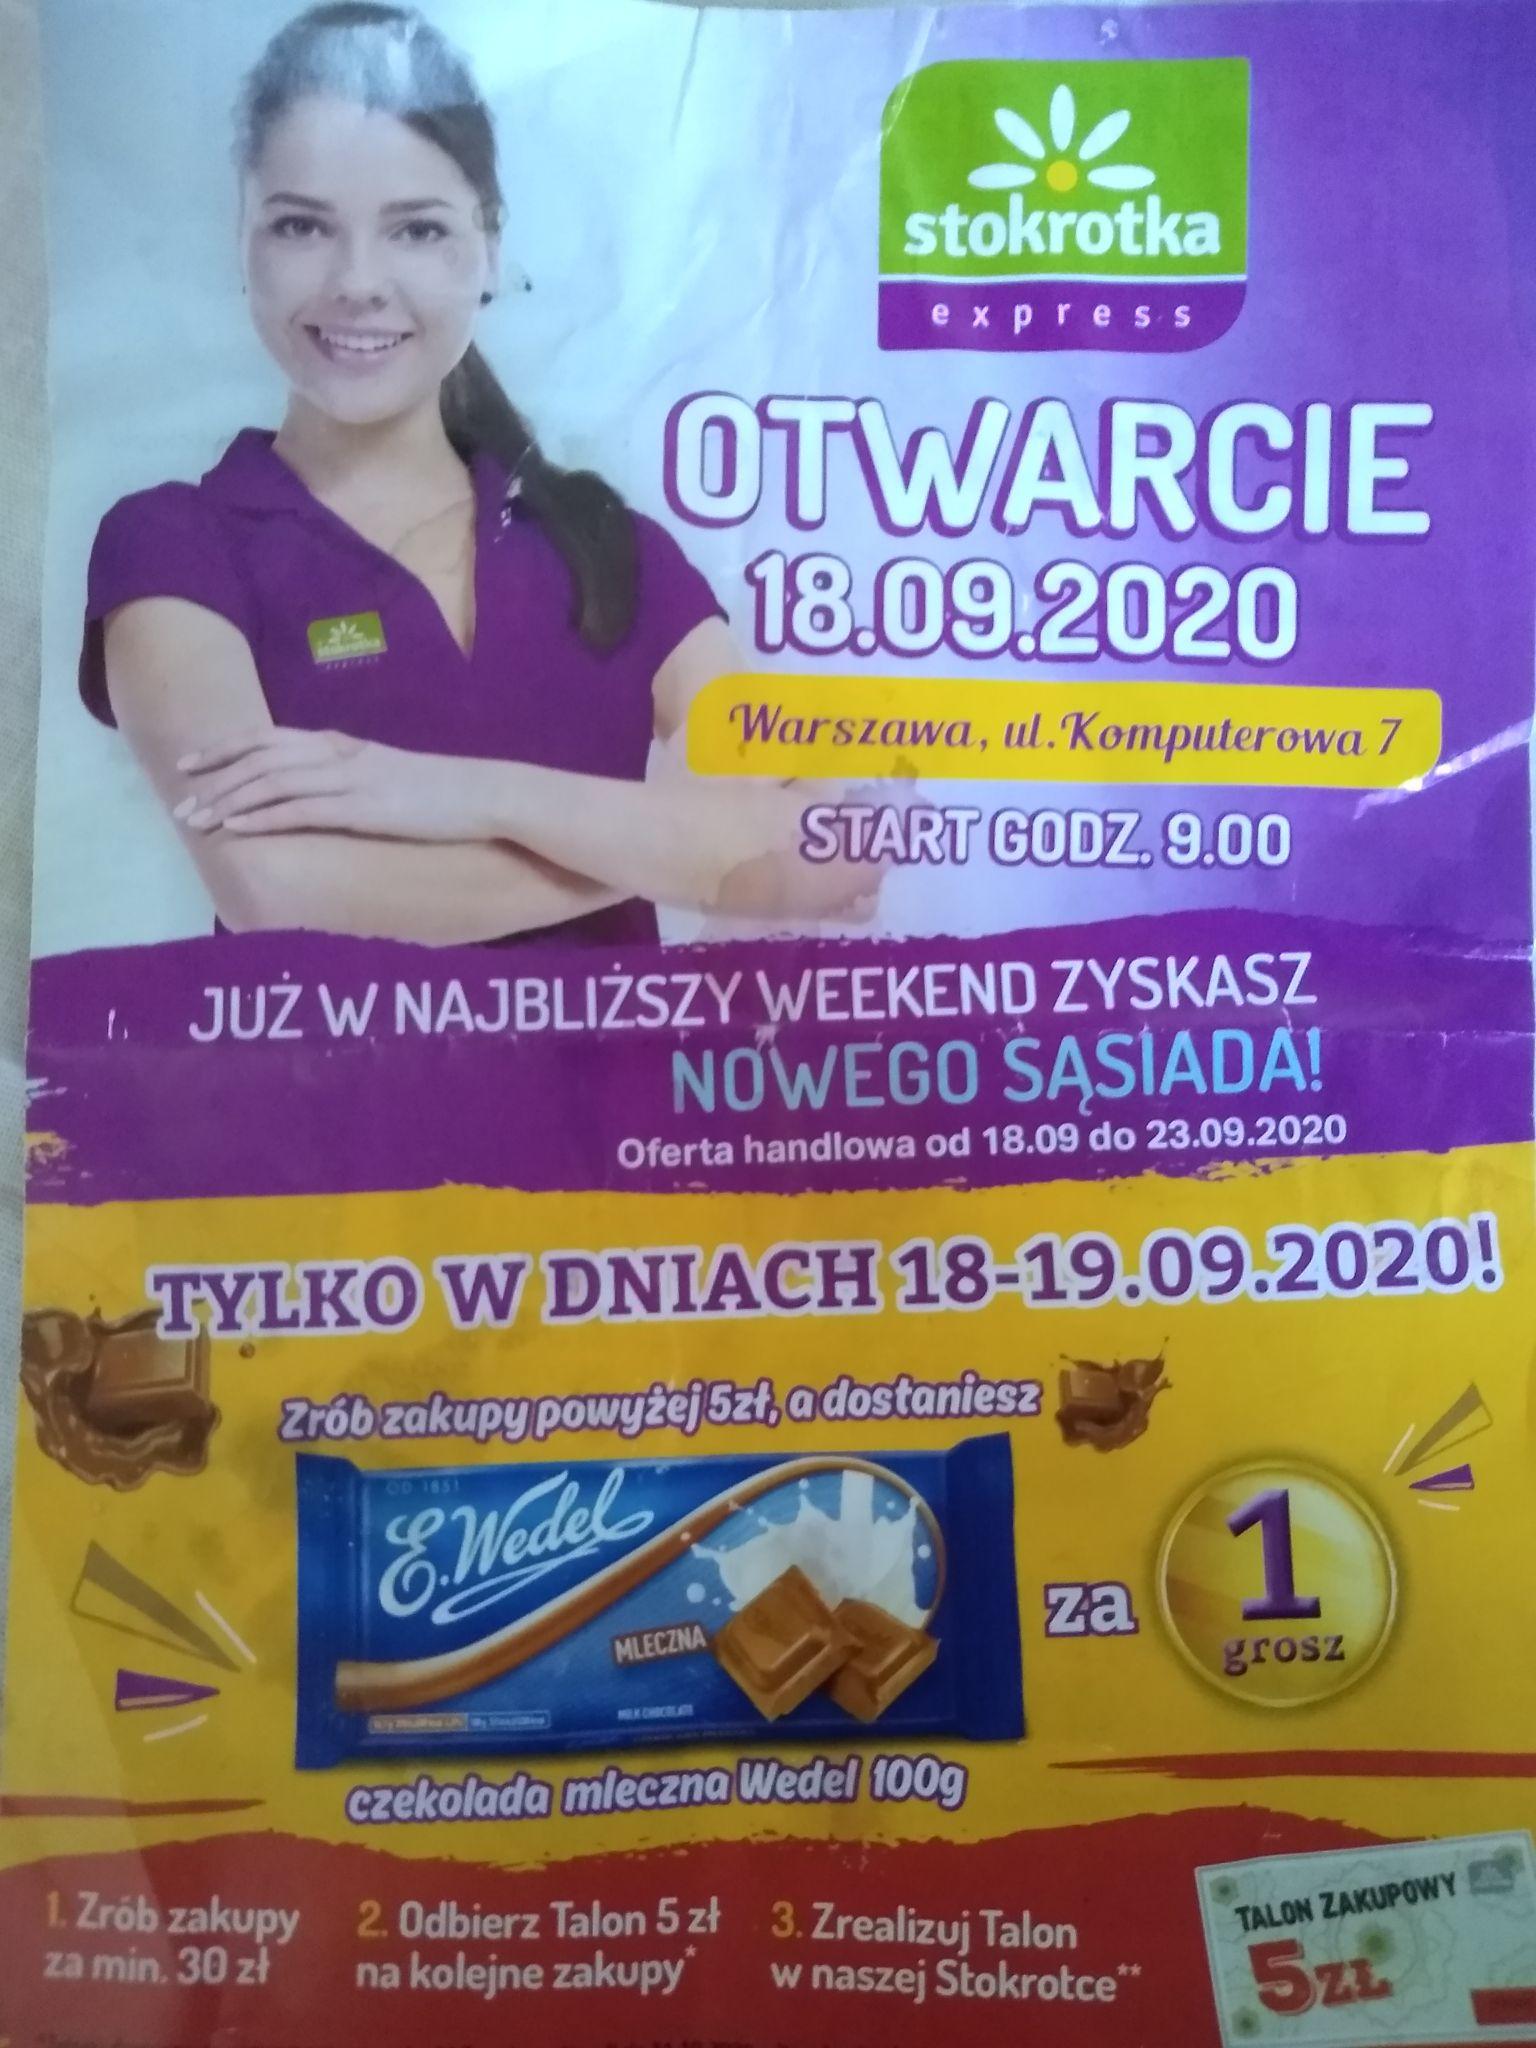 Otwarcie sklepu Stokrotka, Warszawa, komputerowa 7